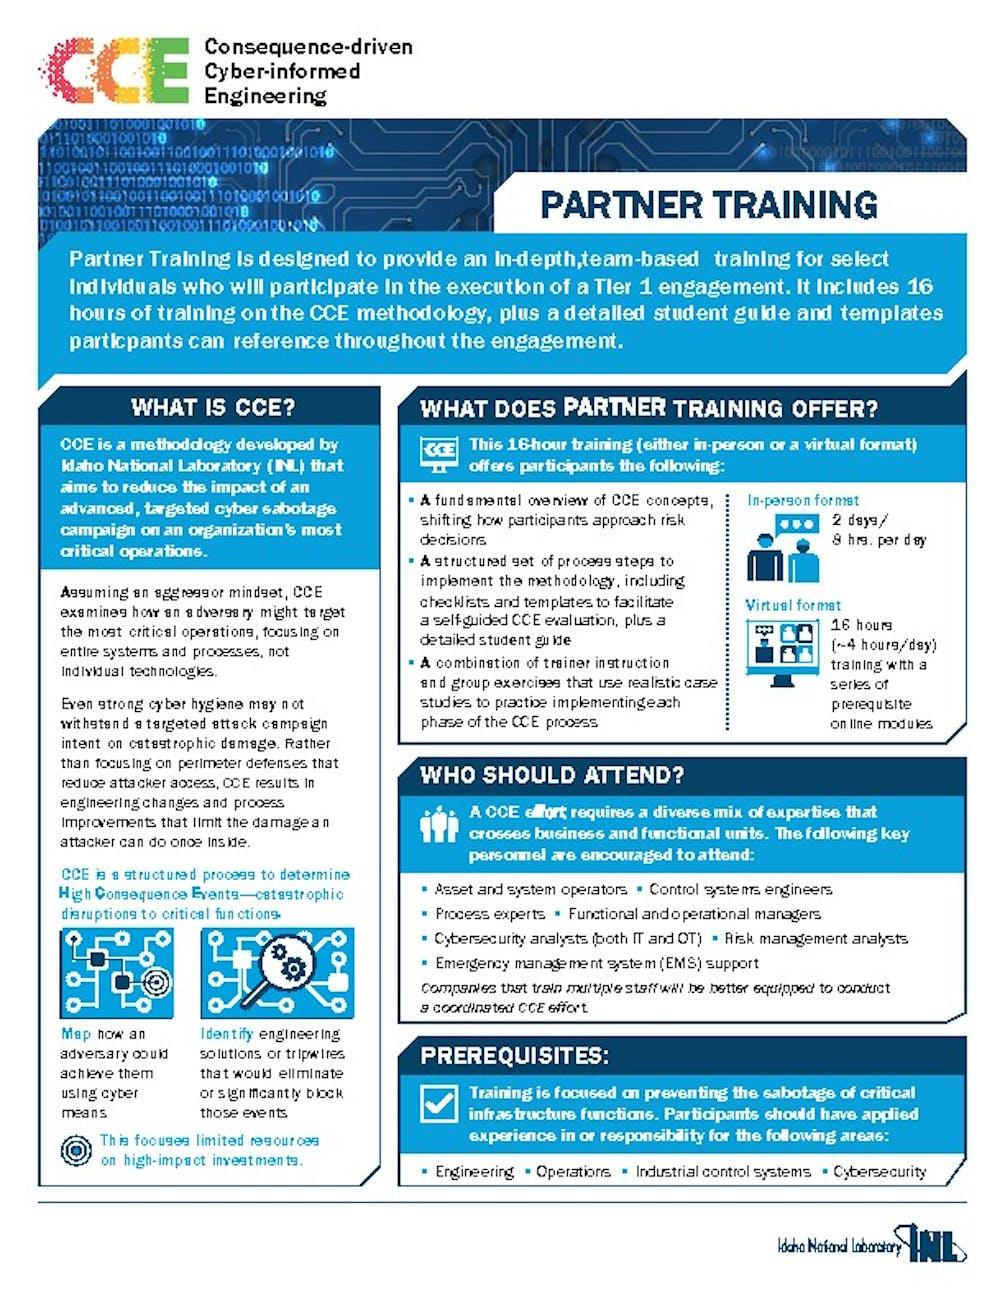 CCE FactSheets PartnerTraining    pdf image